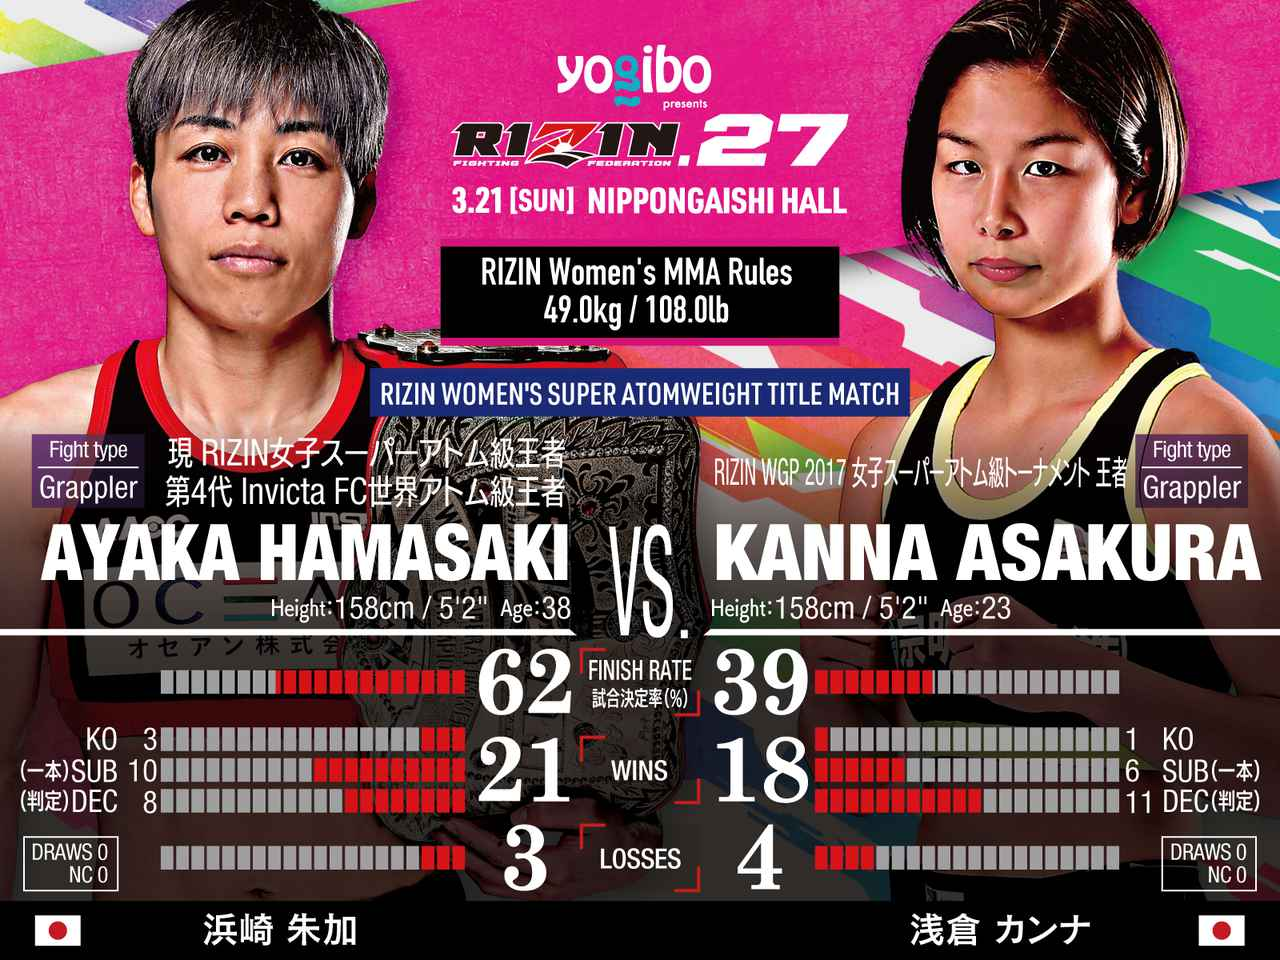 画像: Ayaka Hamasaki vs Kanna Asakura